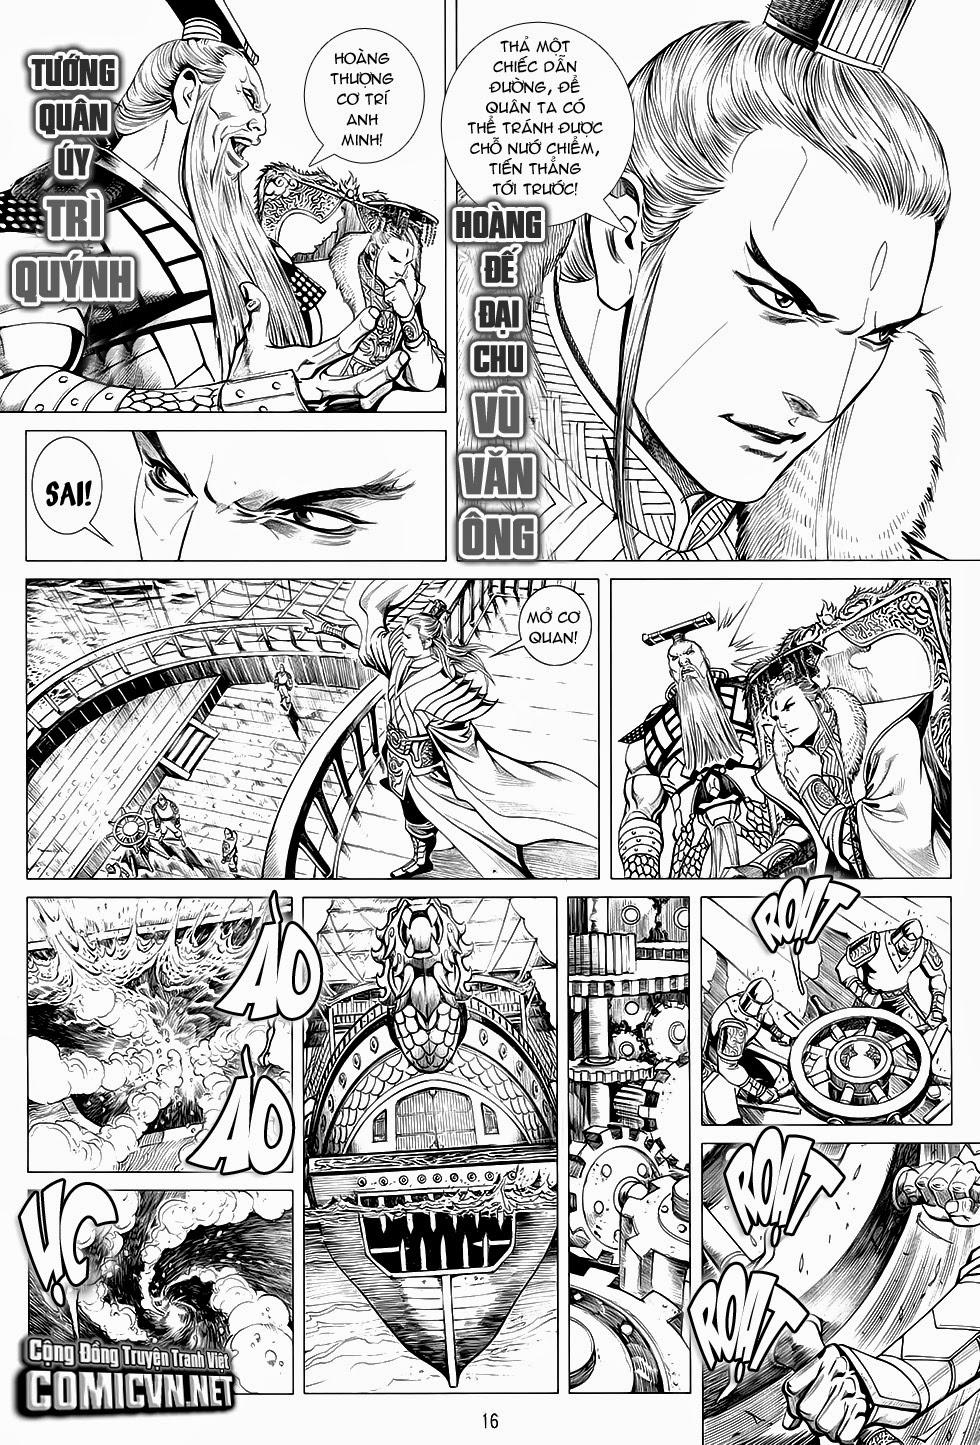 Chiến Phổ chapter 1: chiến thần lan lăng vương trang 17